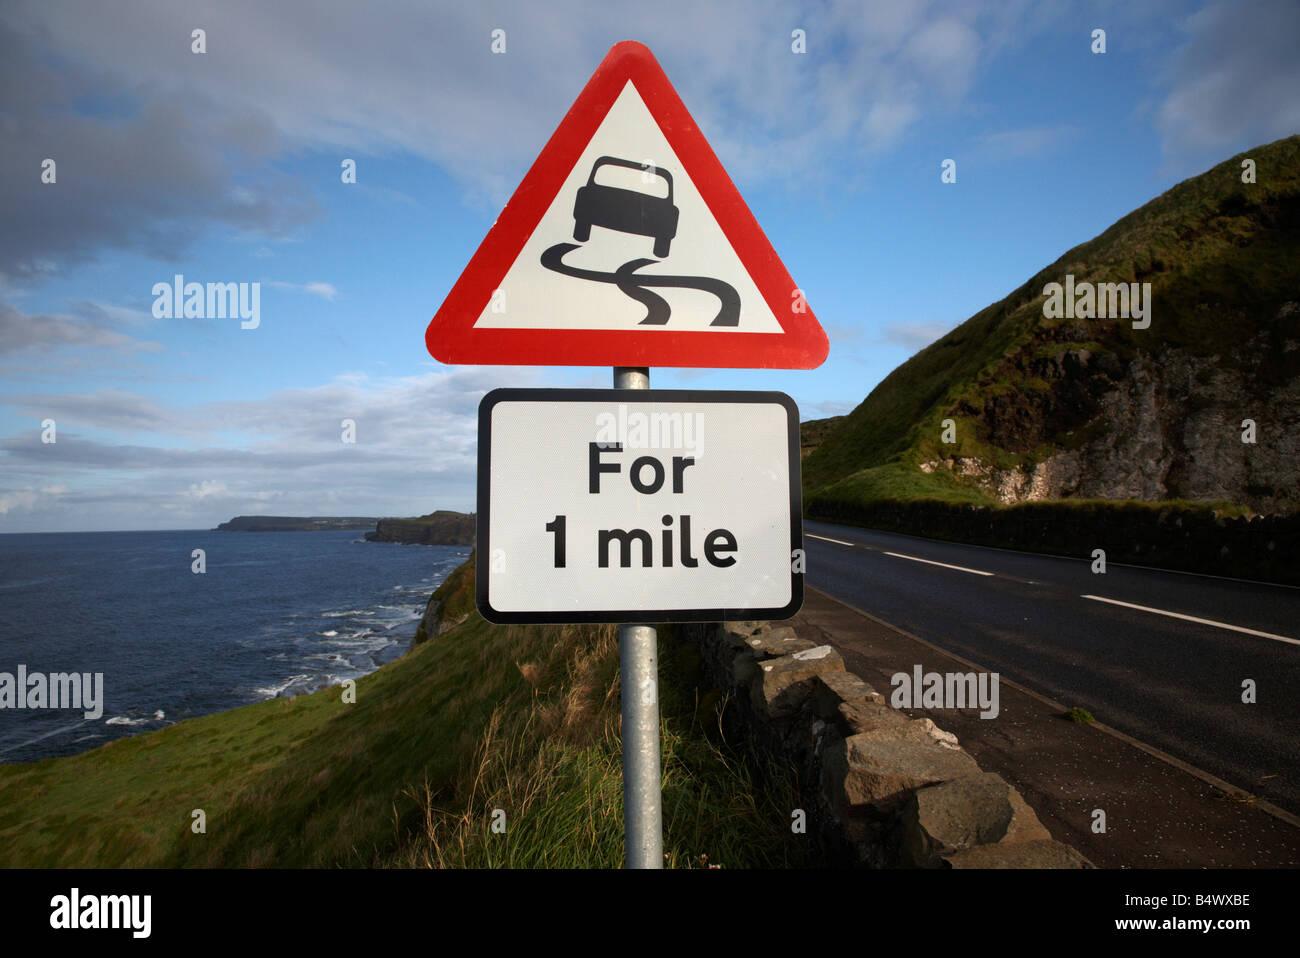 Resbalosa roja de advertencia de peligro el triángulo de 1 milla de firmar en el famoso A2 Norte de Antrim Imagen De Stock